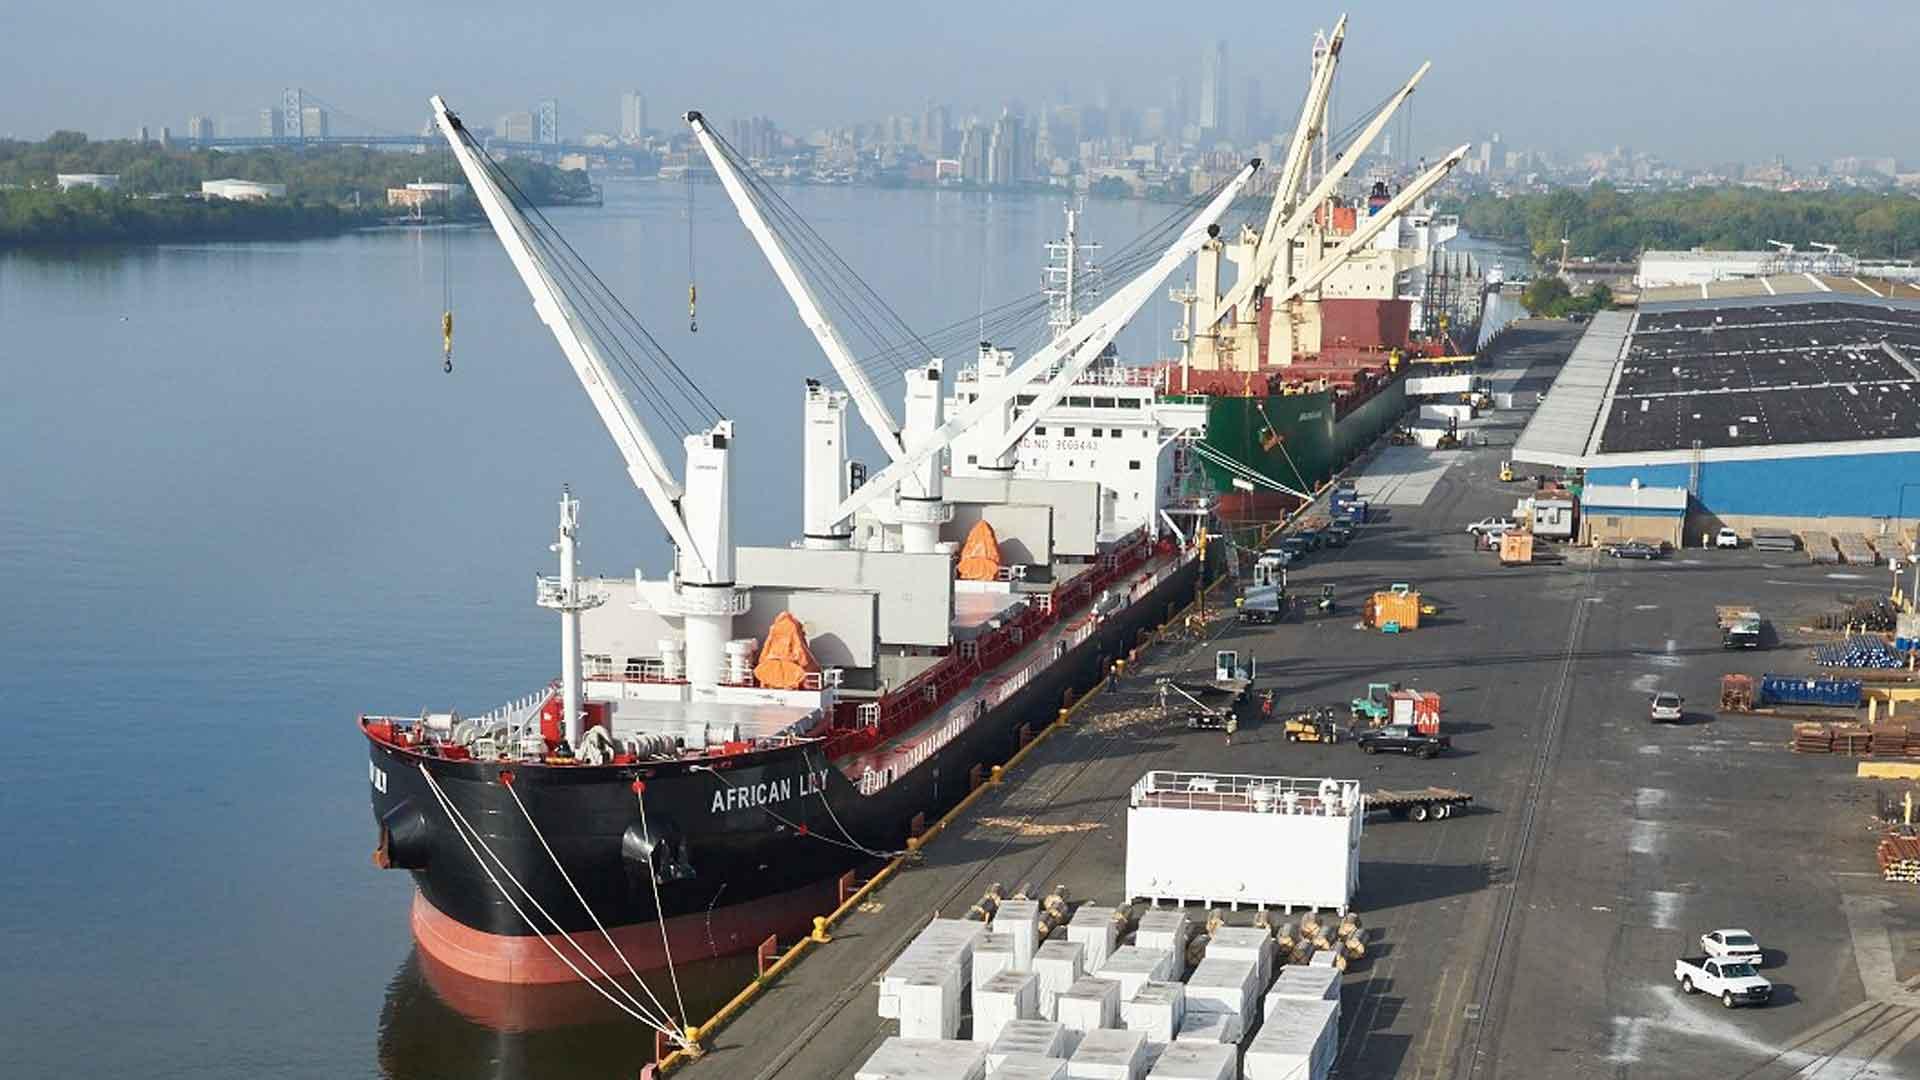 Philadelphia Port Ships Docked